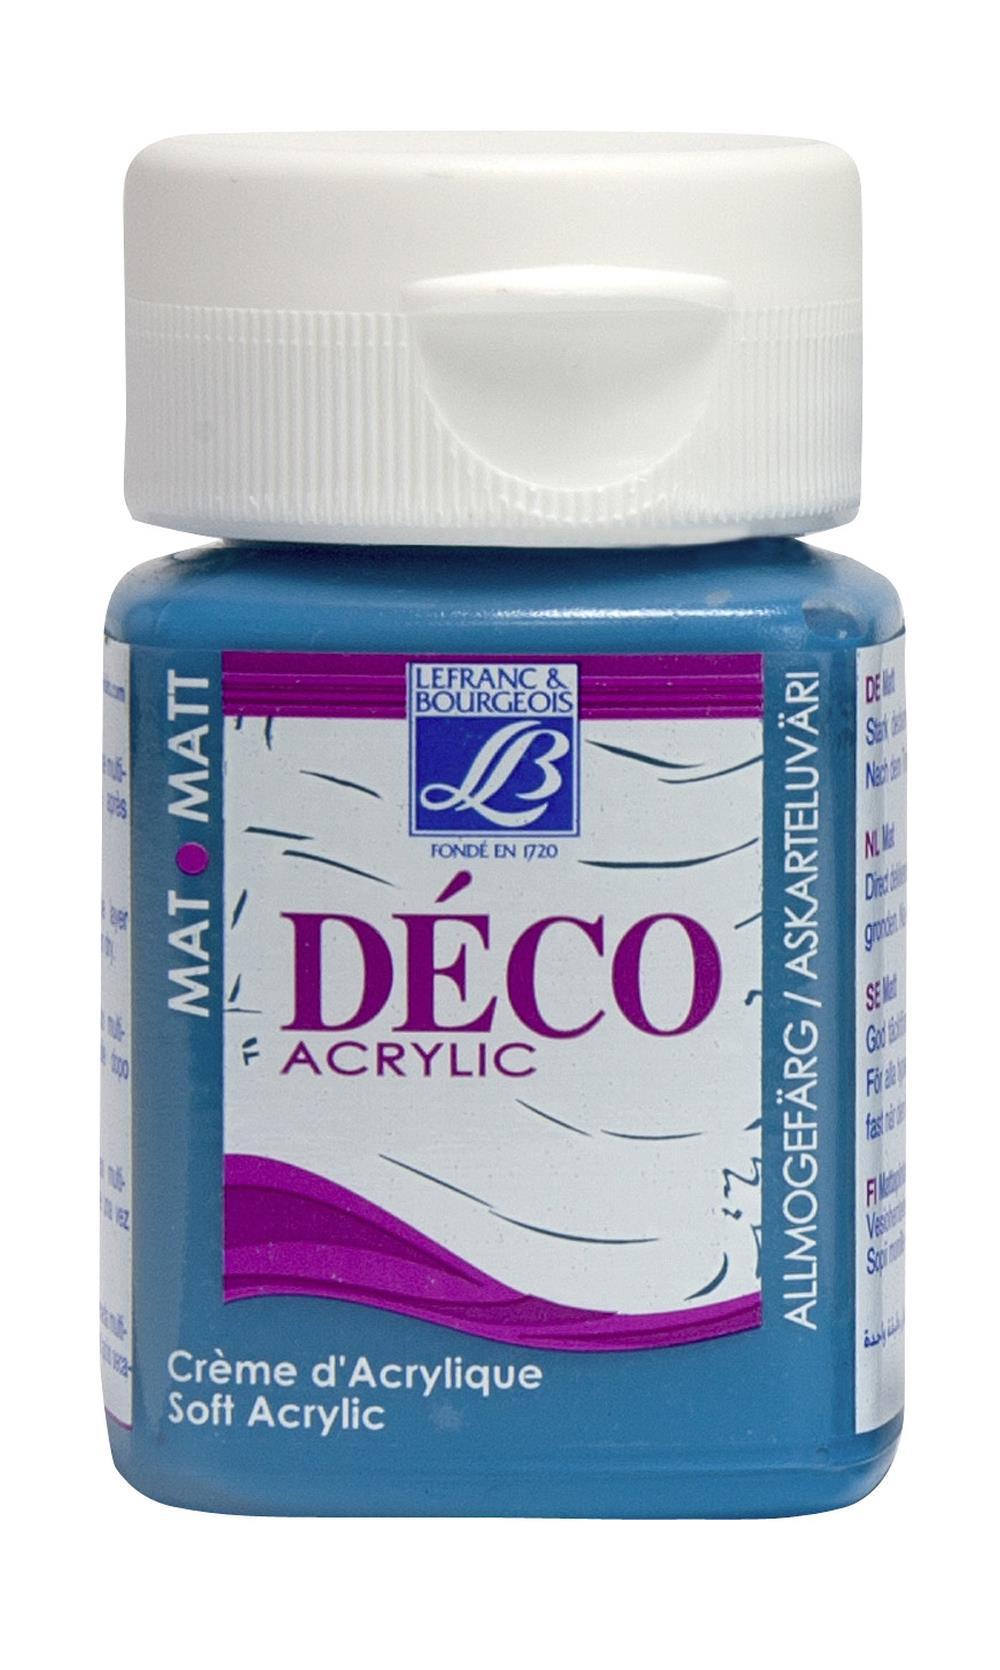 Hobbyfärg L&B Deco Matt Akryl 50ml Turquoise warm 058 (4F) utgått